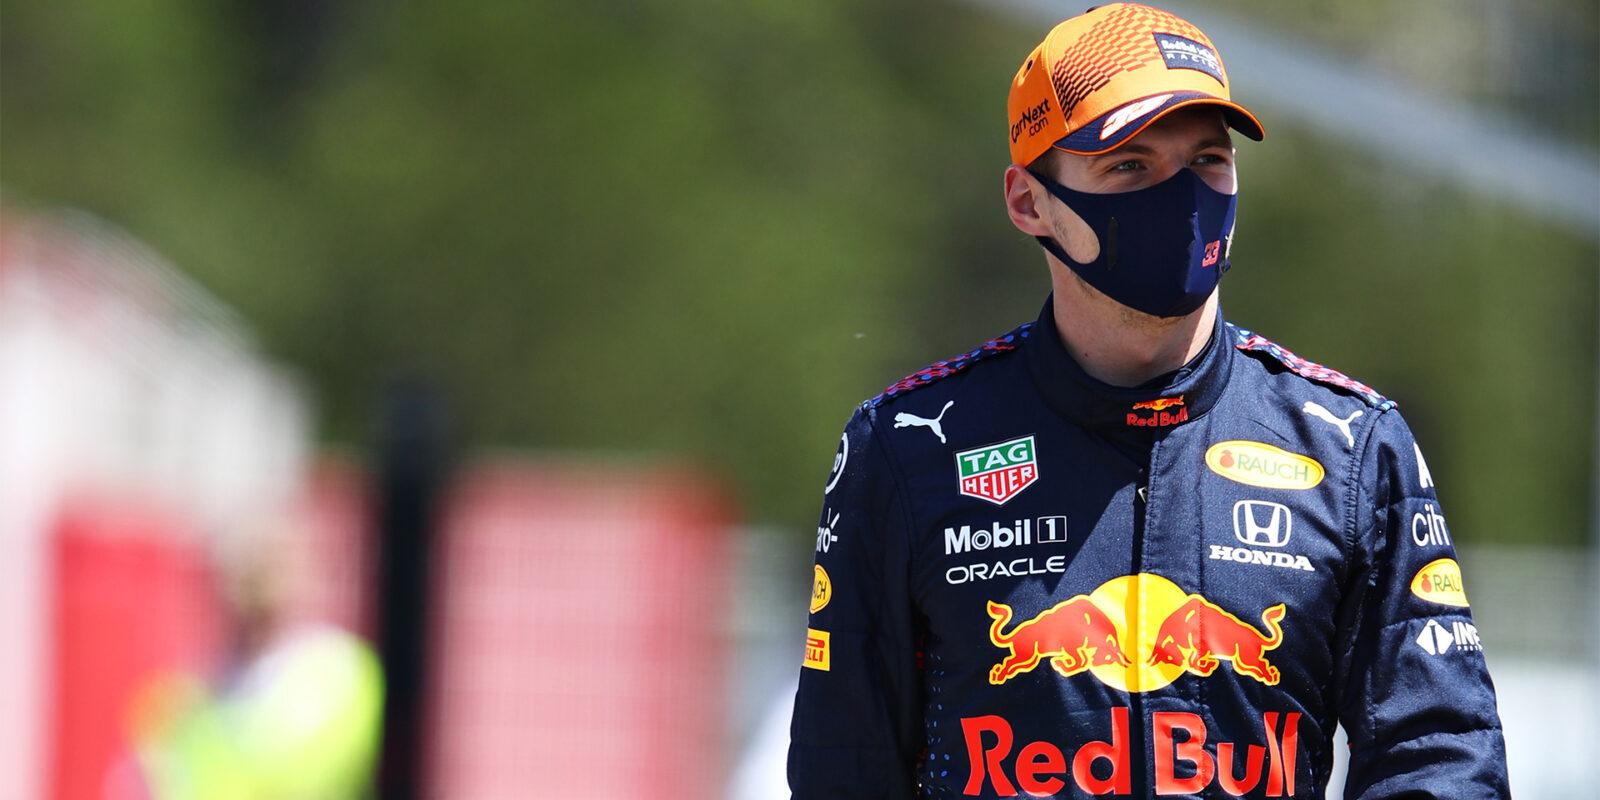 V prvním tréninku v Baku byl nejrychlejší Verstappen